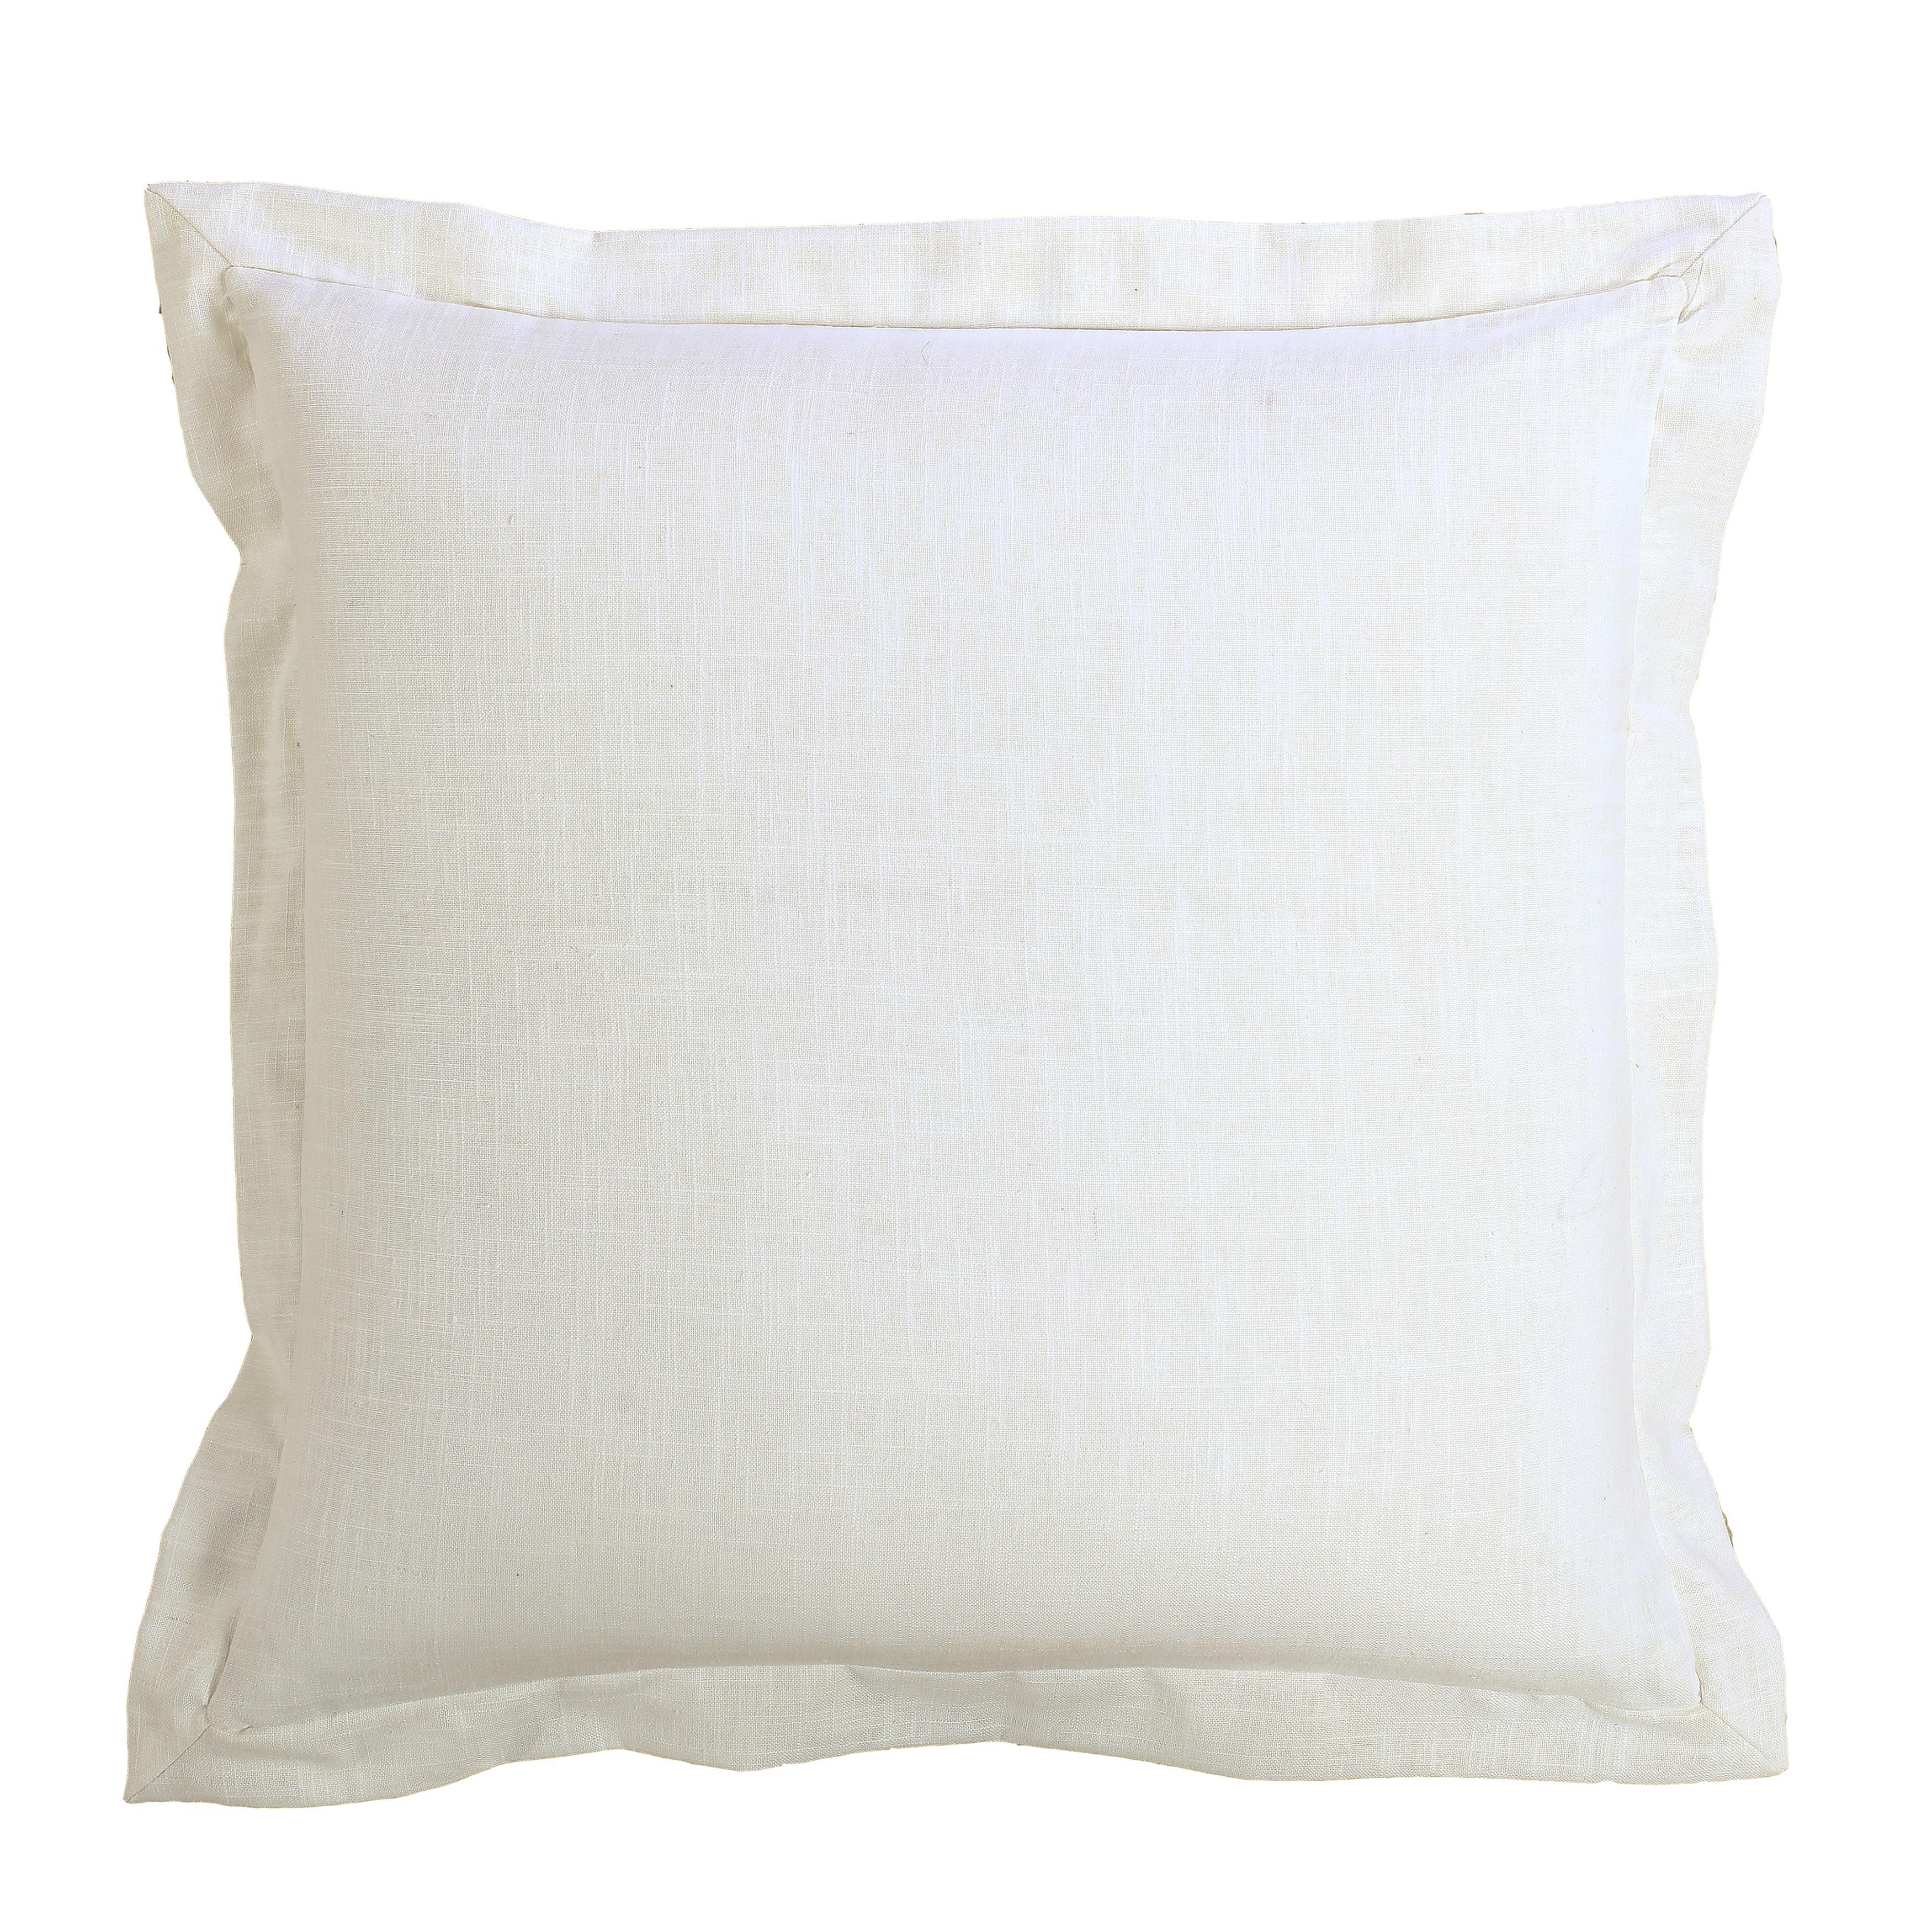 Hiend Accents White Linen Euro Sham Overstock 15950477